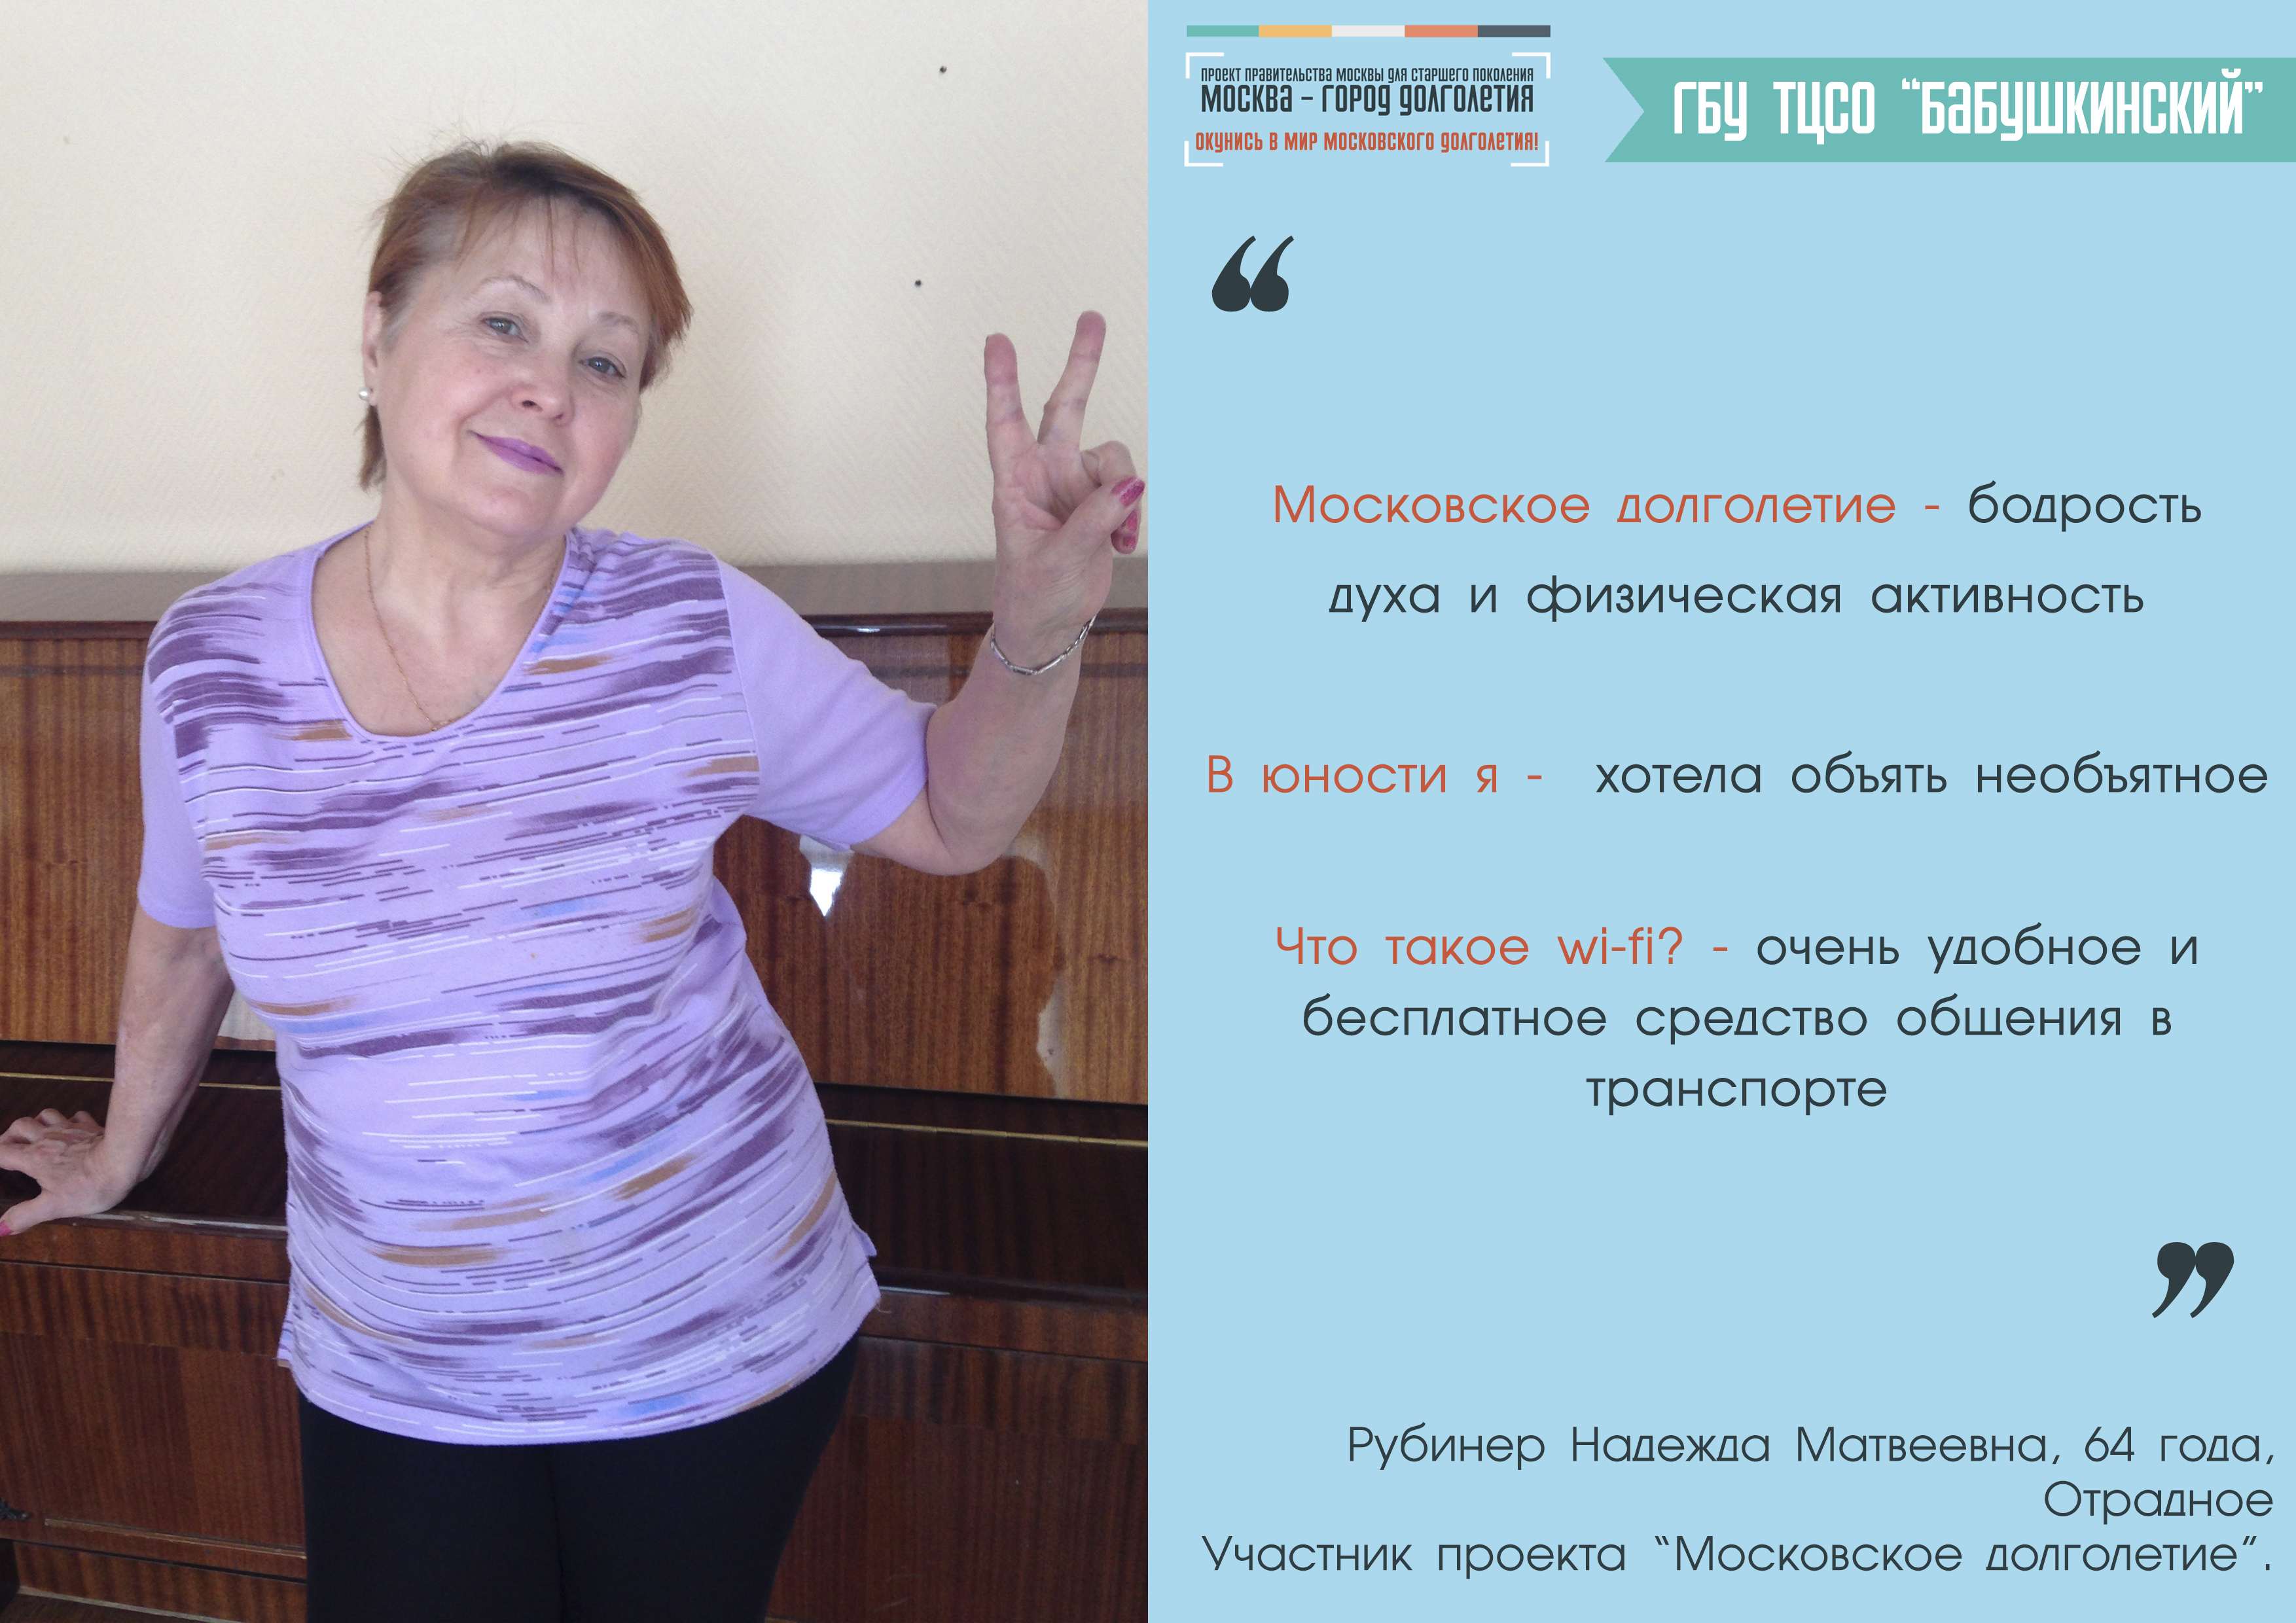 Знакомства бабушкинская мценск знакомства new topic